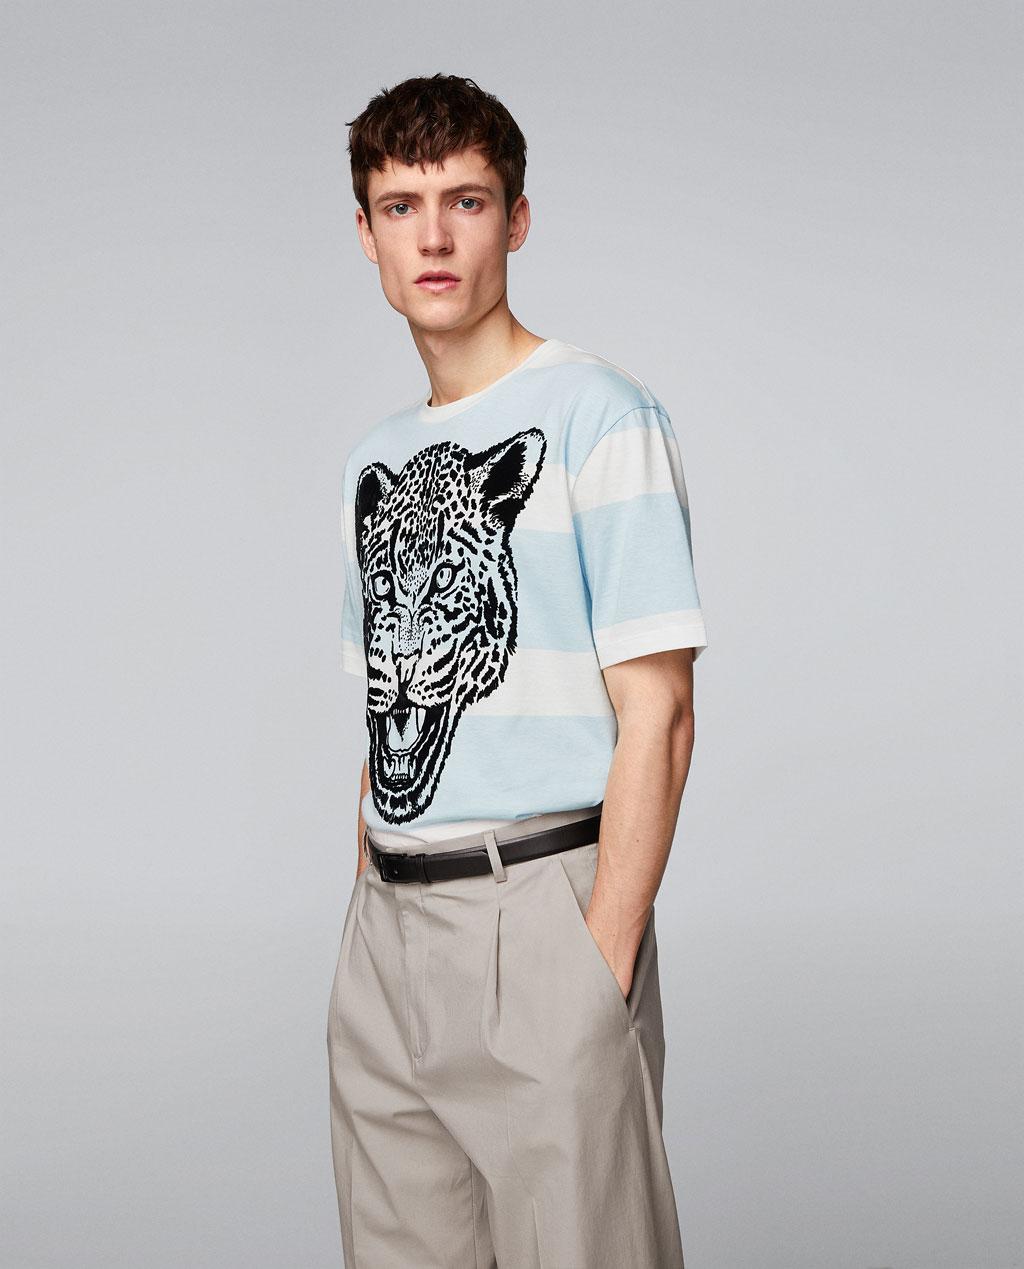 Thời trang nam Zara  24087 - ảnh 4